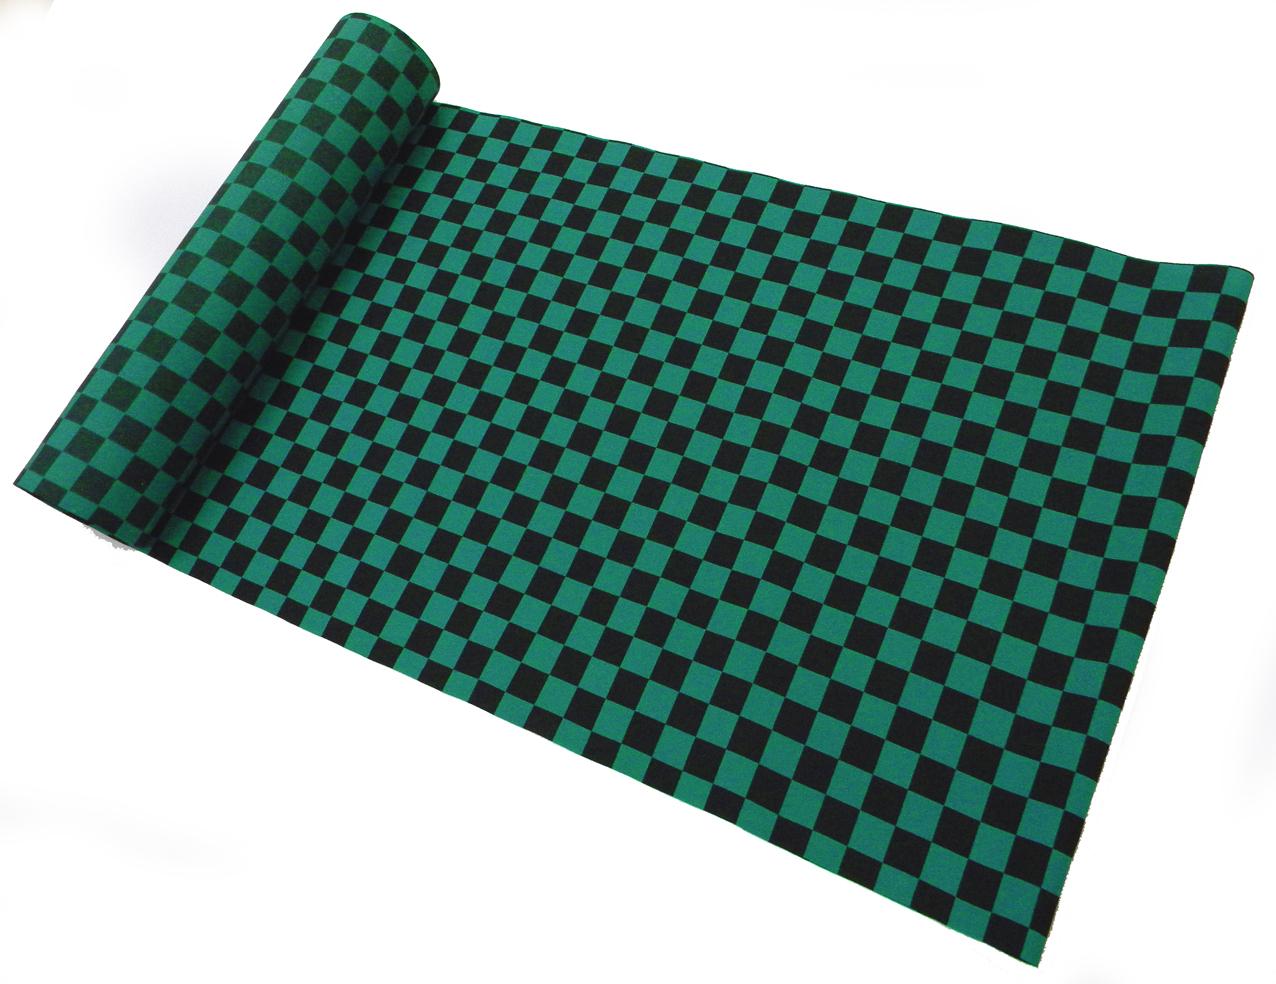 着物のはぎれ 超特価SALE開催 限定タイムセール 市松柄 緑 ポリエステル 鬼滅 反物切り売り 50cm単位 炭治郎